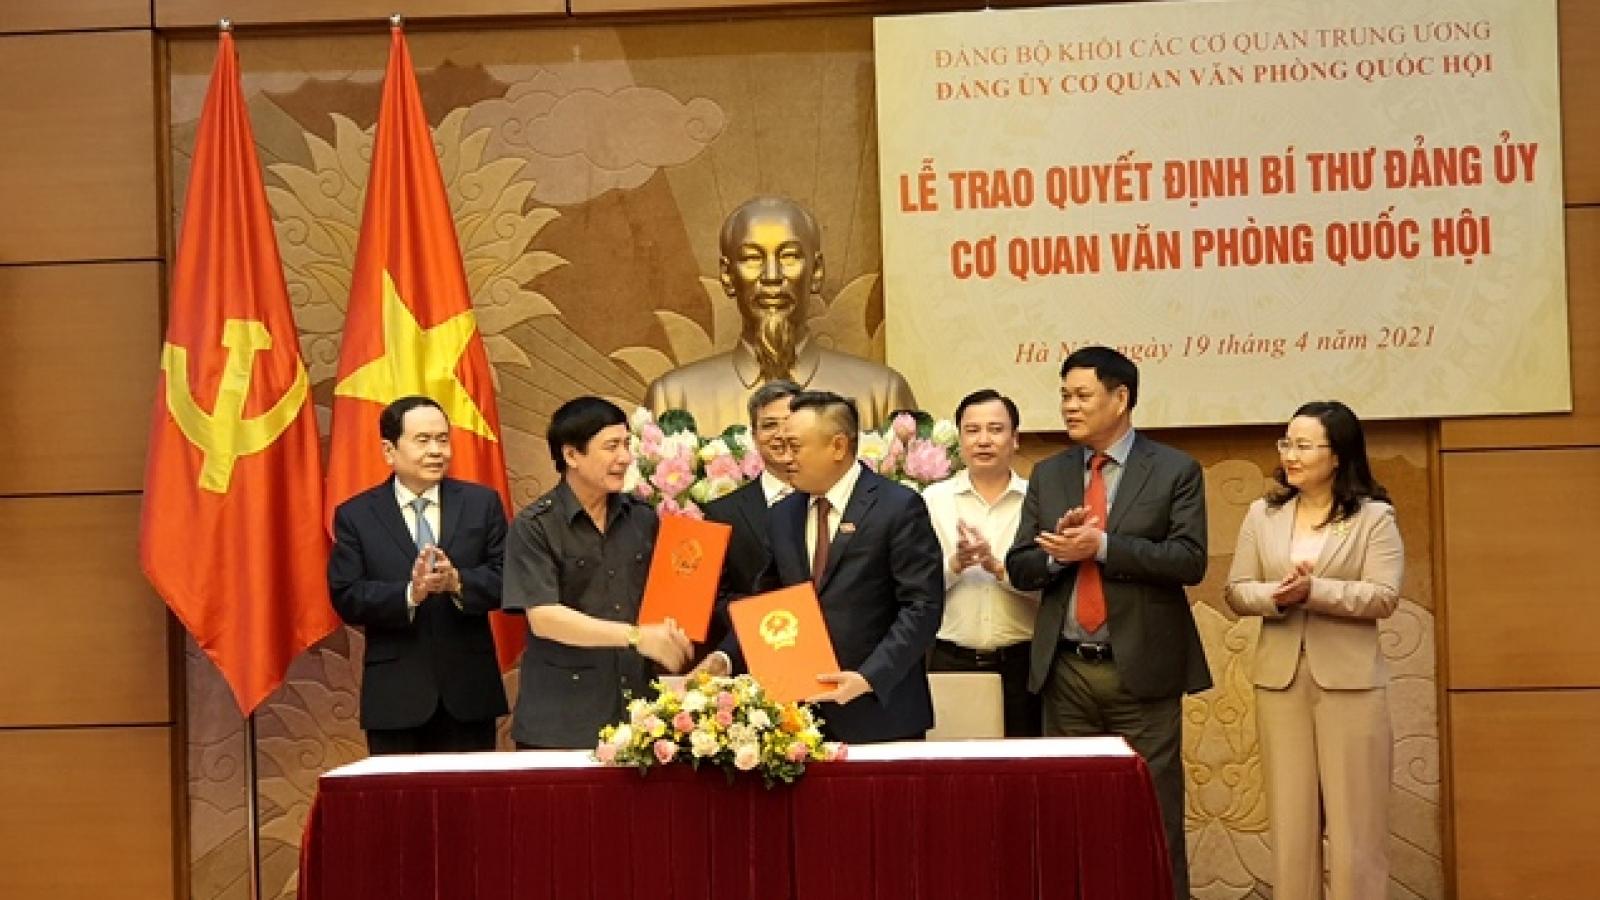 Lễ trao Quyết định Bí thư Đảng ủy cơ quan Văn phòng Quốc hội cho ôngBùi Văn Cường